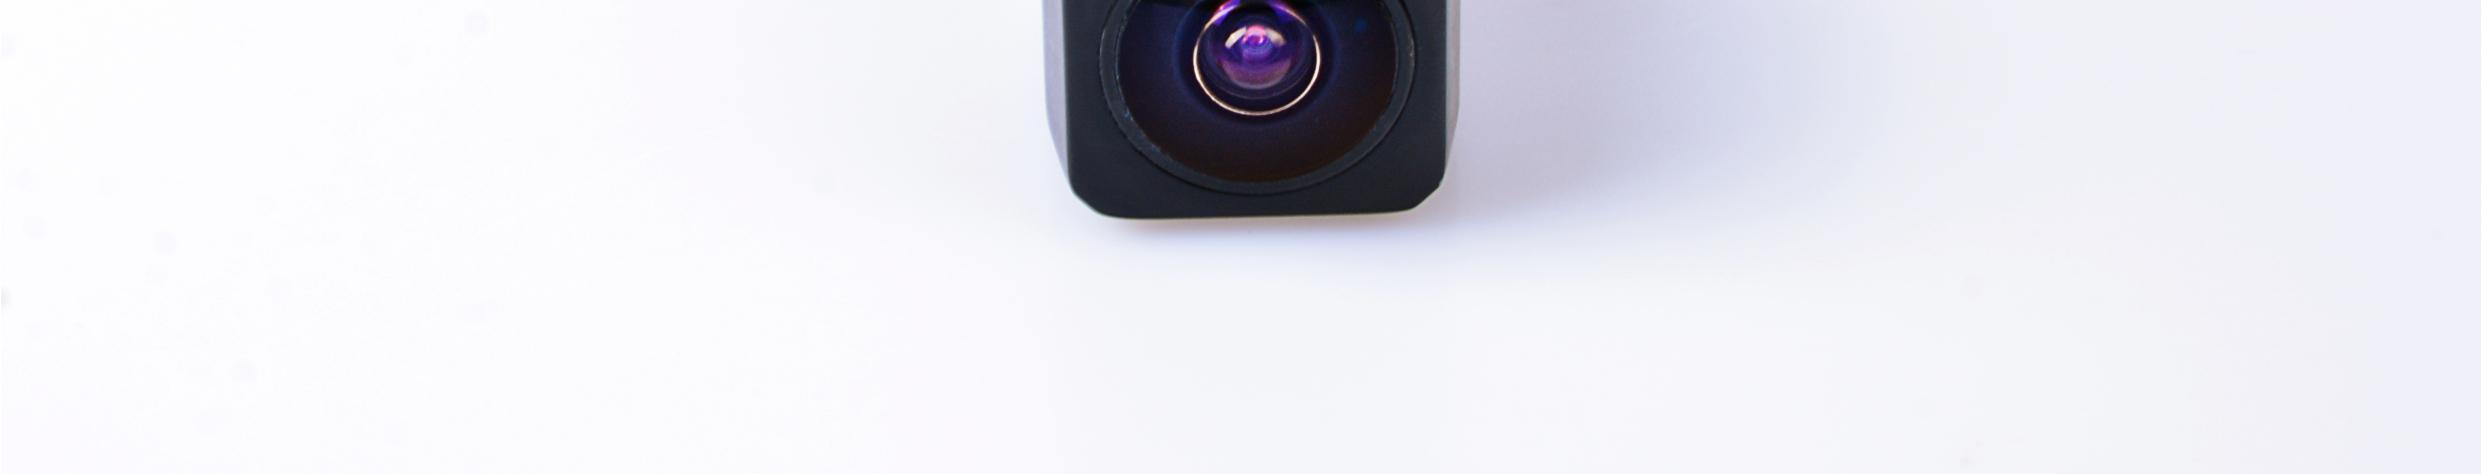 星光级夜视MCCD摄像头